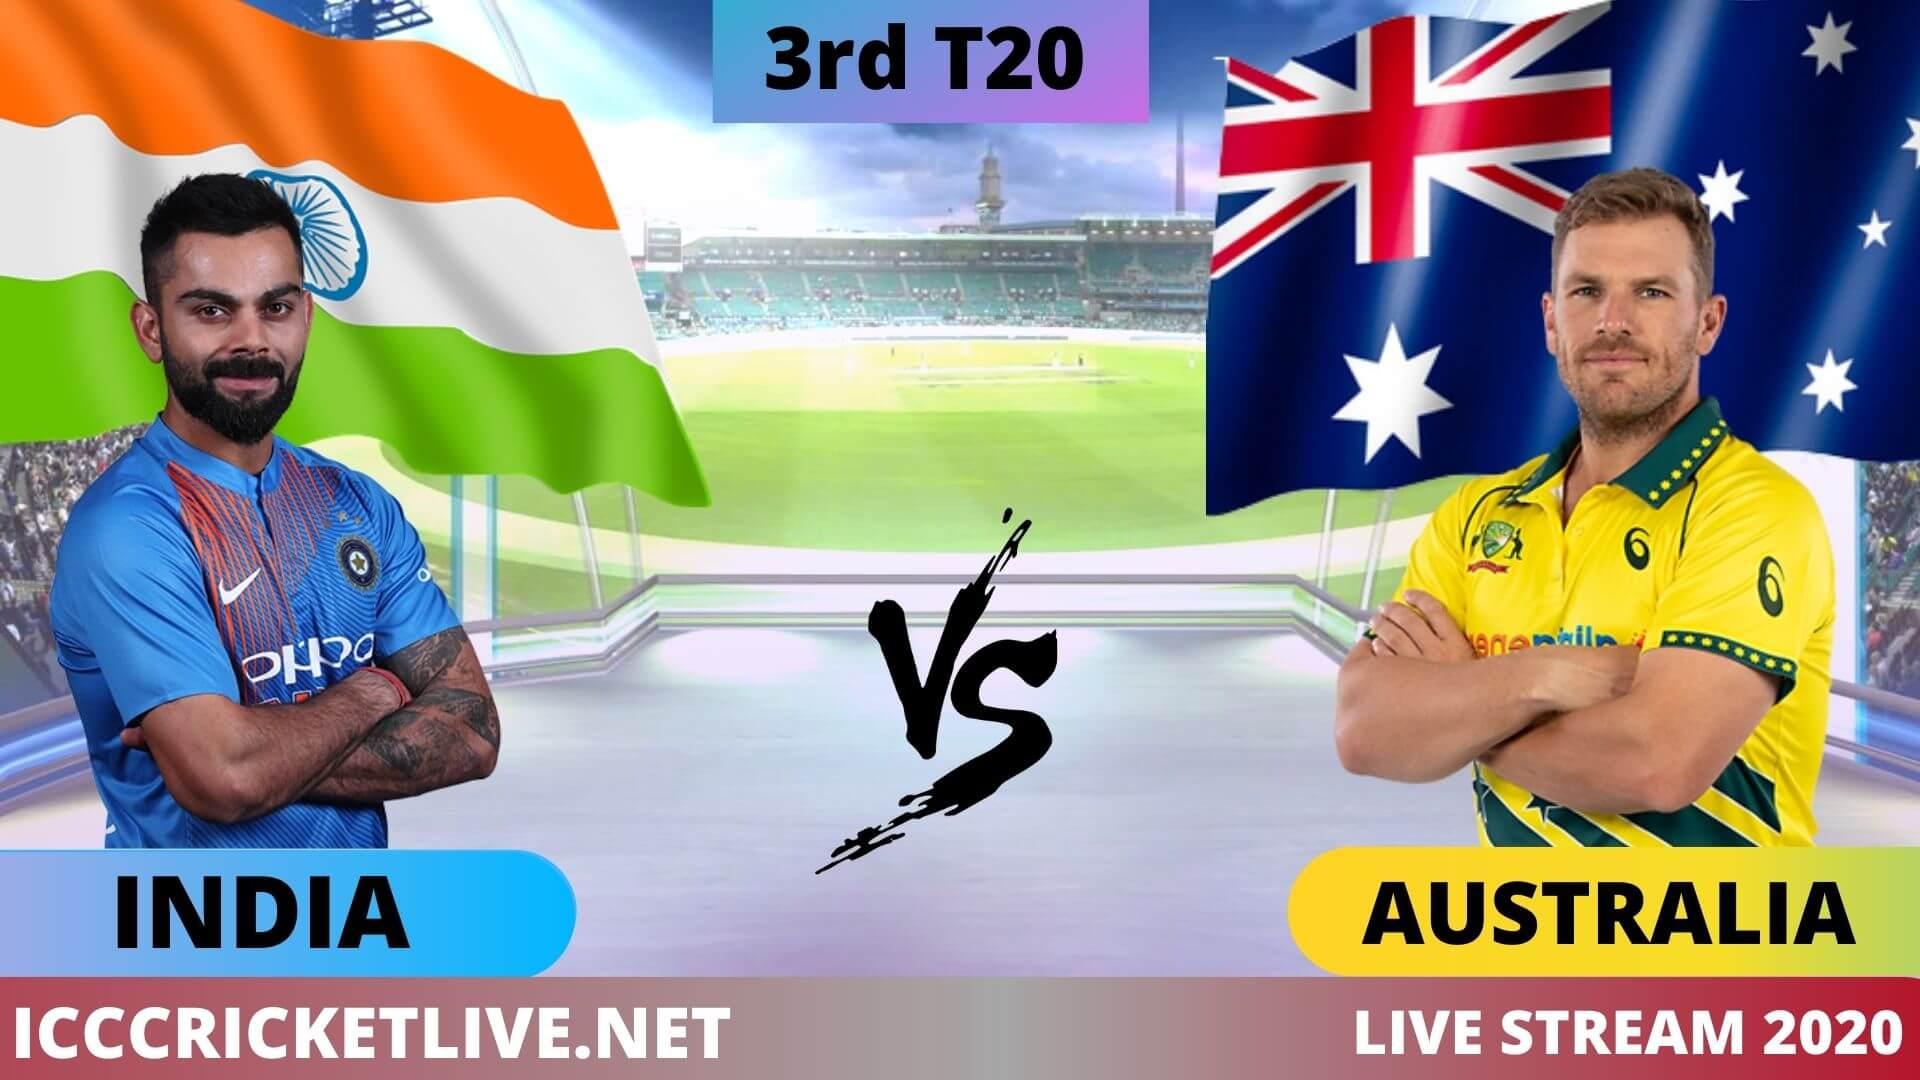 India Vs Australia Live Stream 2020 | 3rd T20I